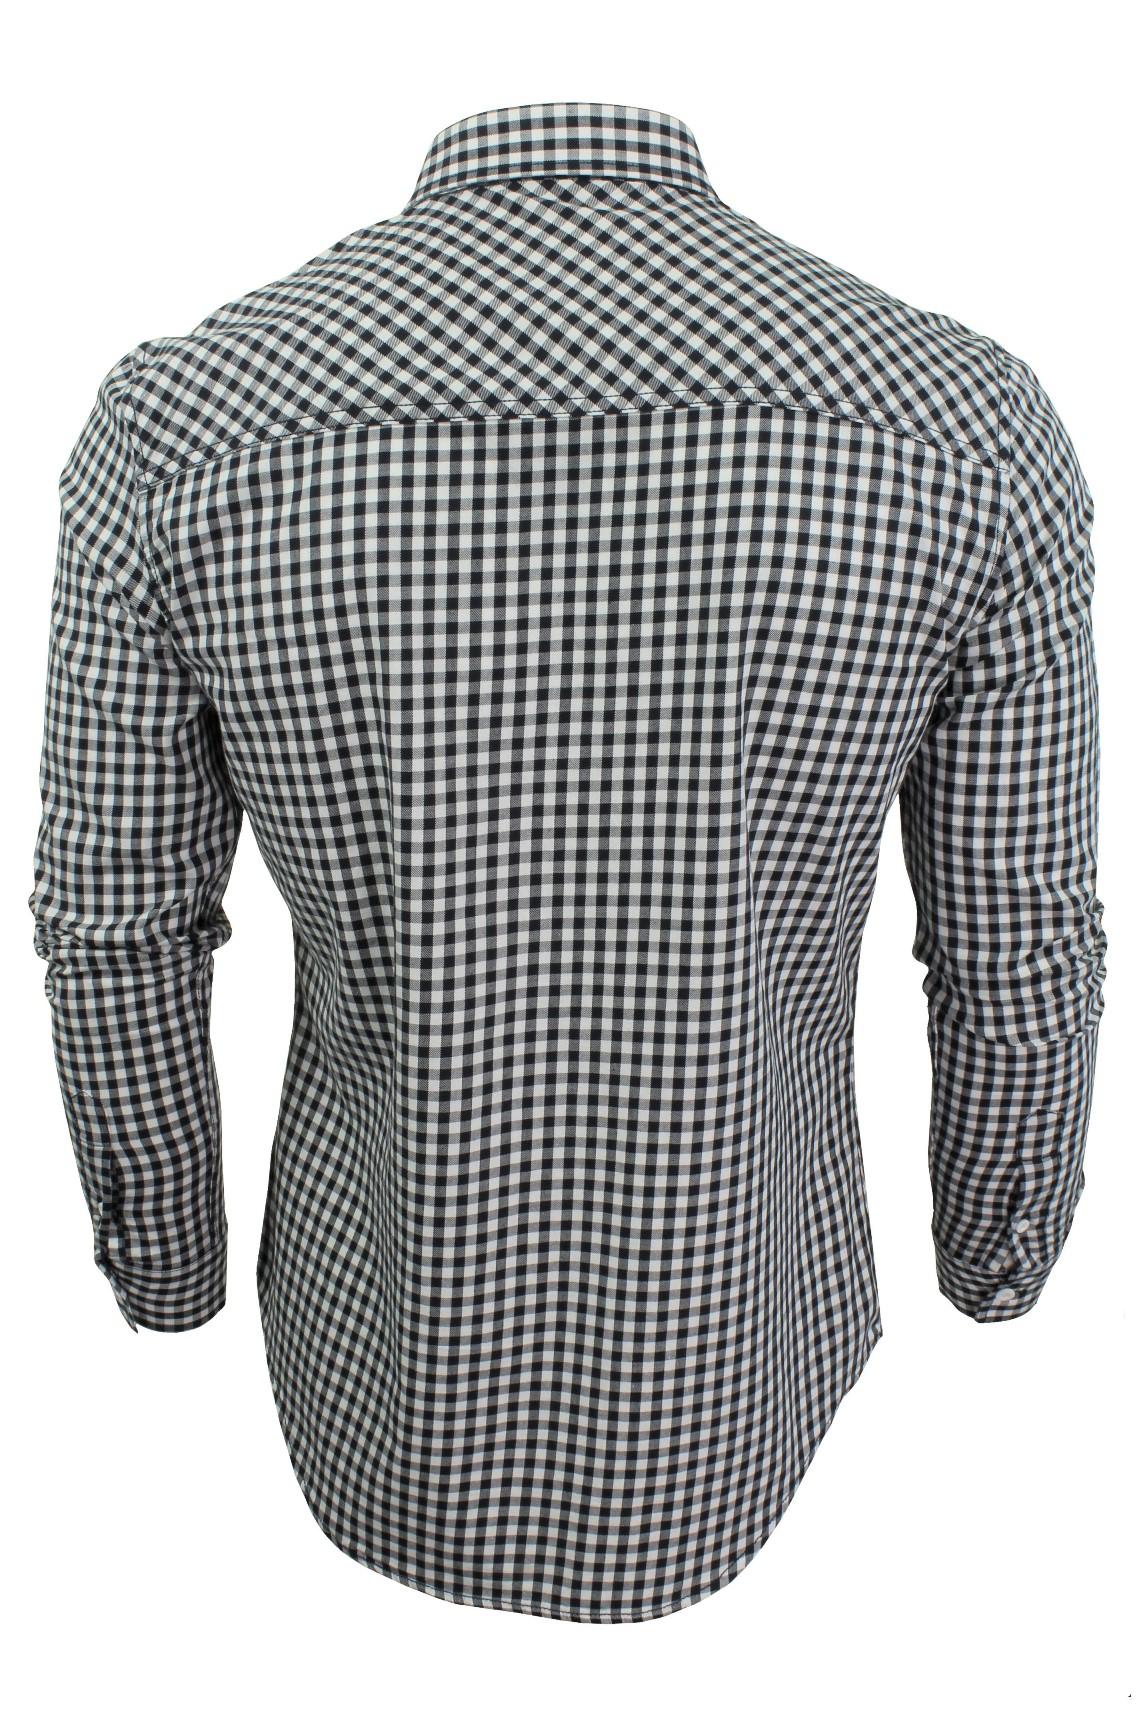 Mens-Gingham-Check-Shirt-by-Crosshatch-039-Larix-039 thumbnail 5